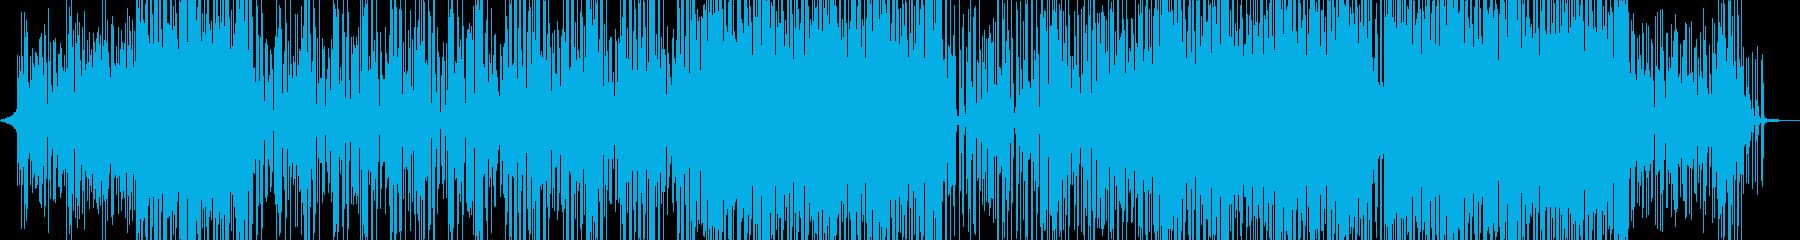 まったりとほろ酔い気分のレゲェ 短尺の再生済みの波形